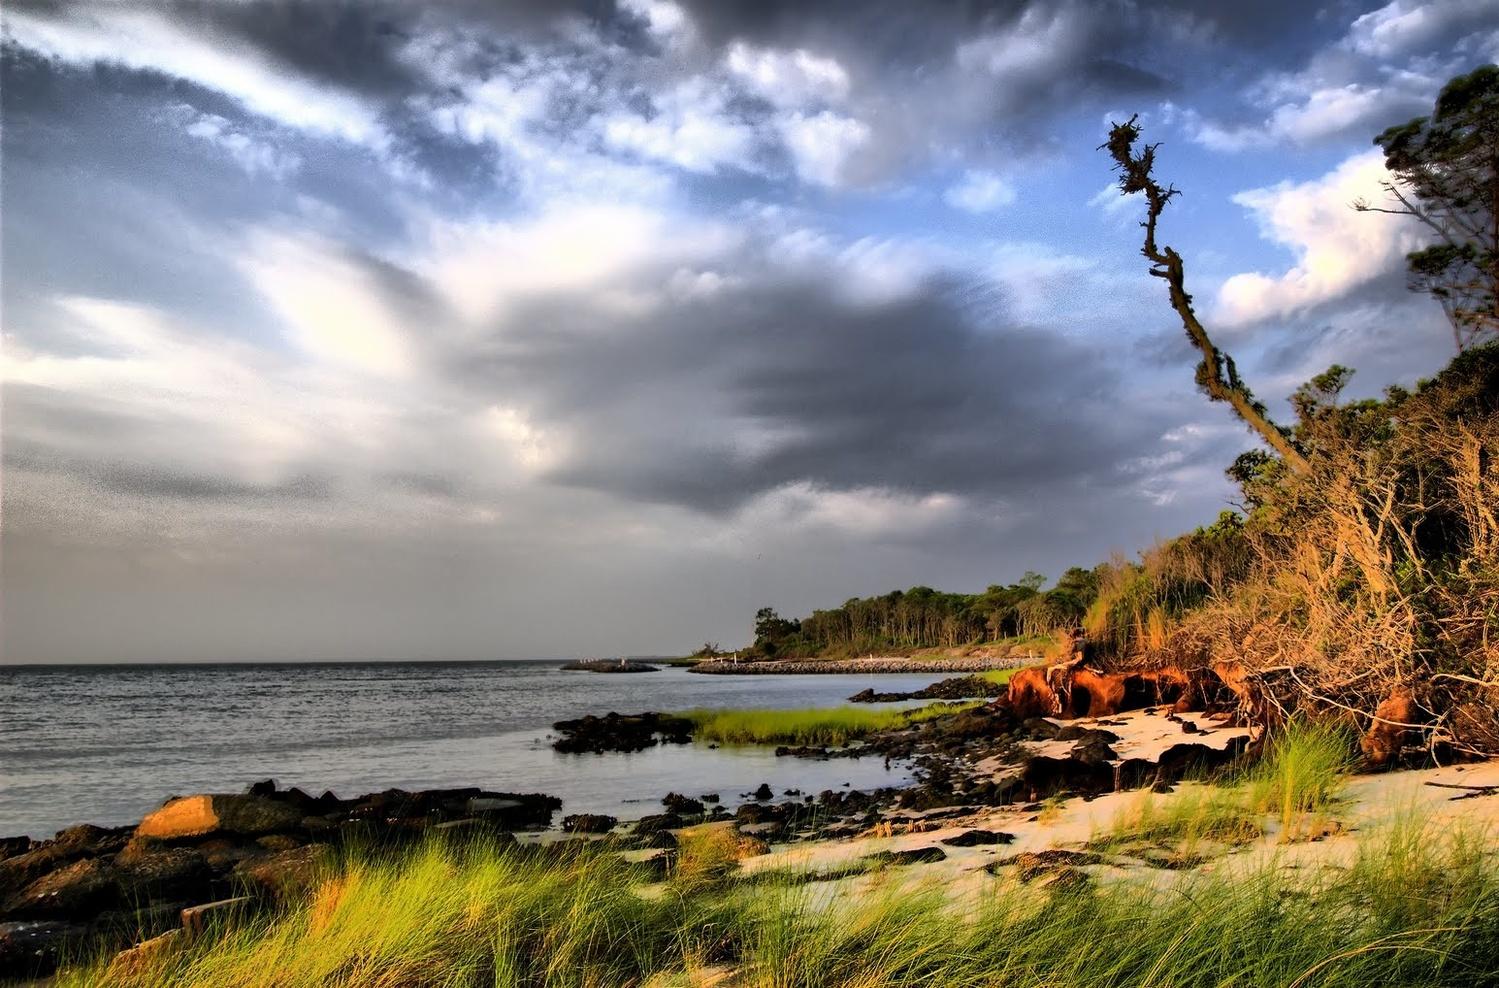 Shoreline by Stanley Westfall